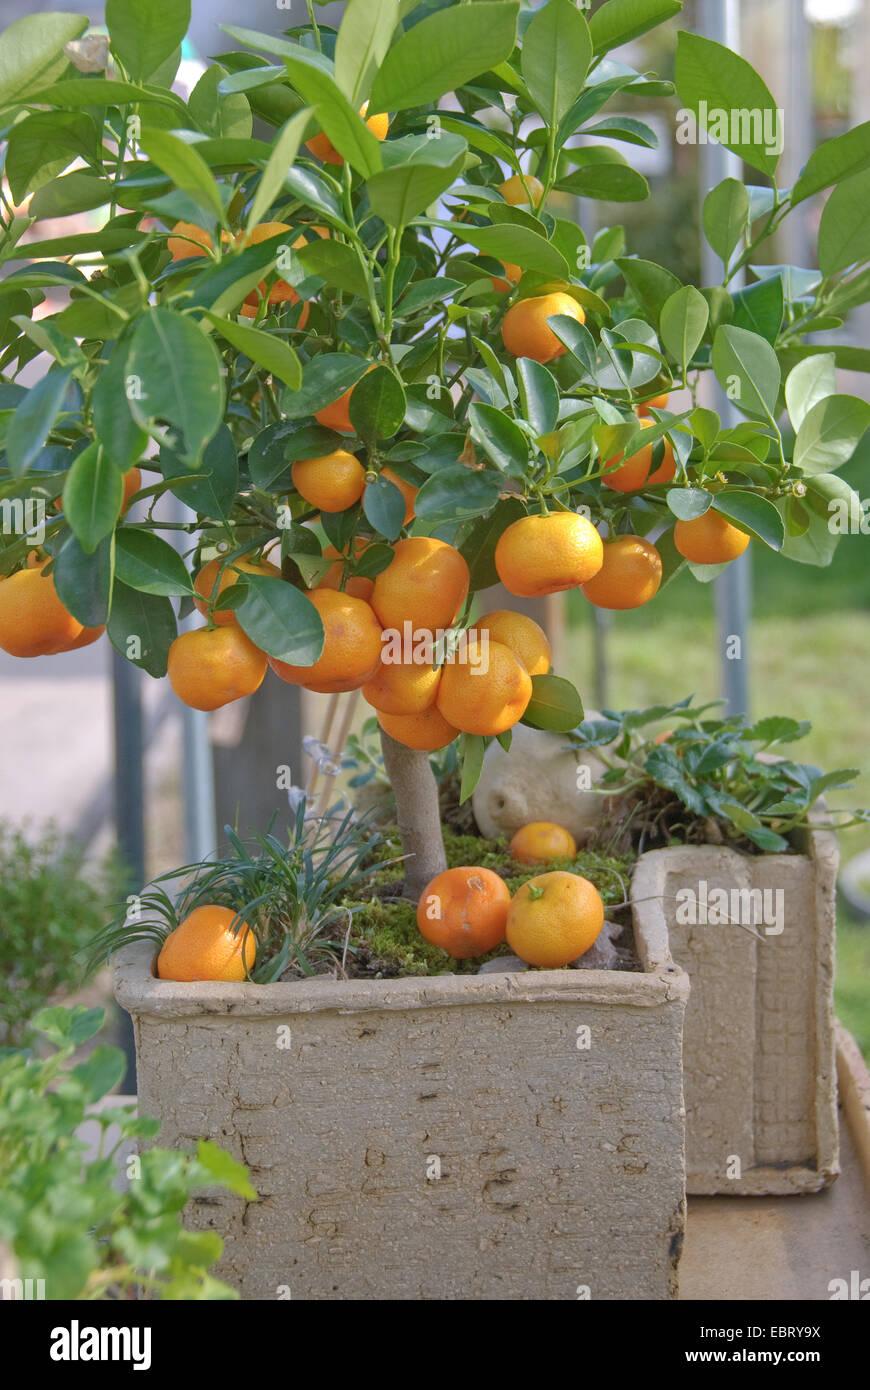 calamondine citrofortunella microcarpa citrus fortunella citrus stock photo 76129030 alamy. Black Bedroom Furniture Sets. Home Design Ideas